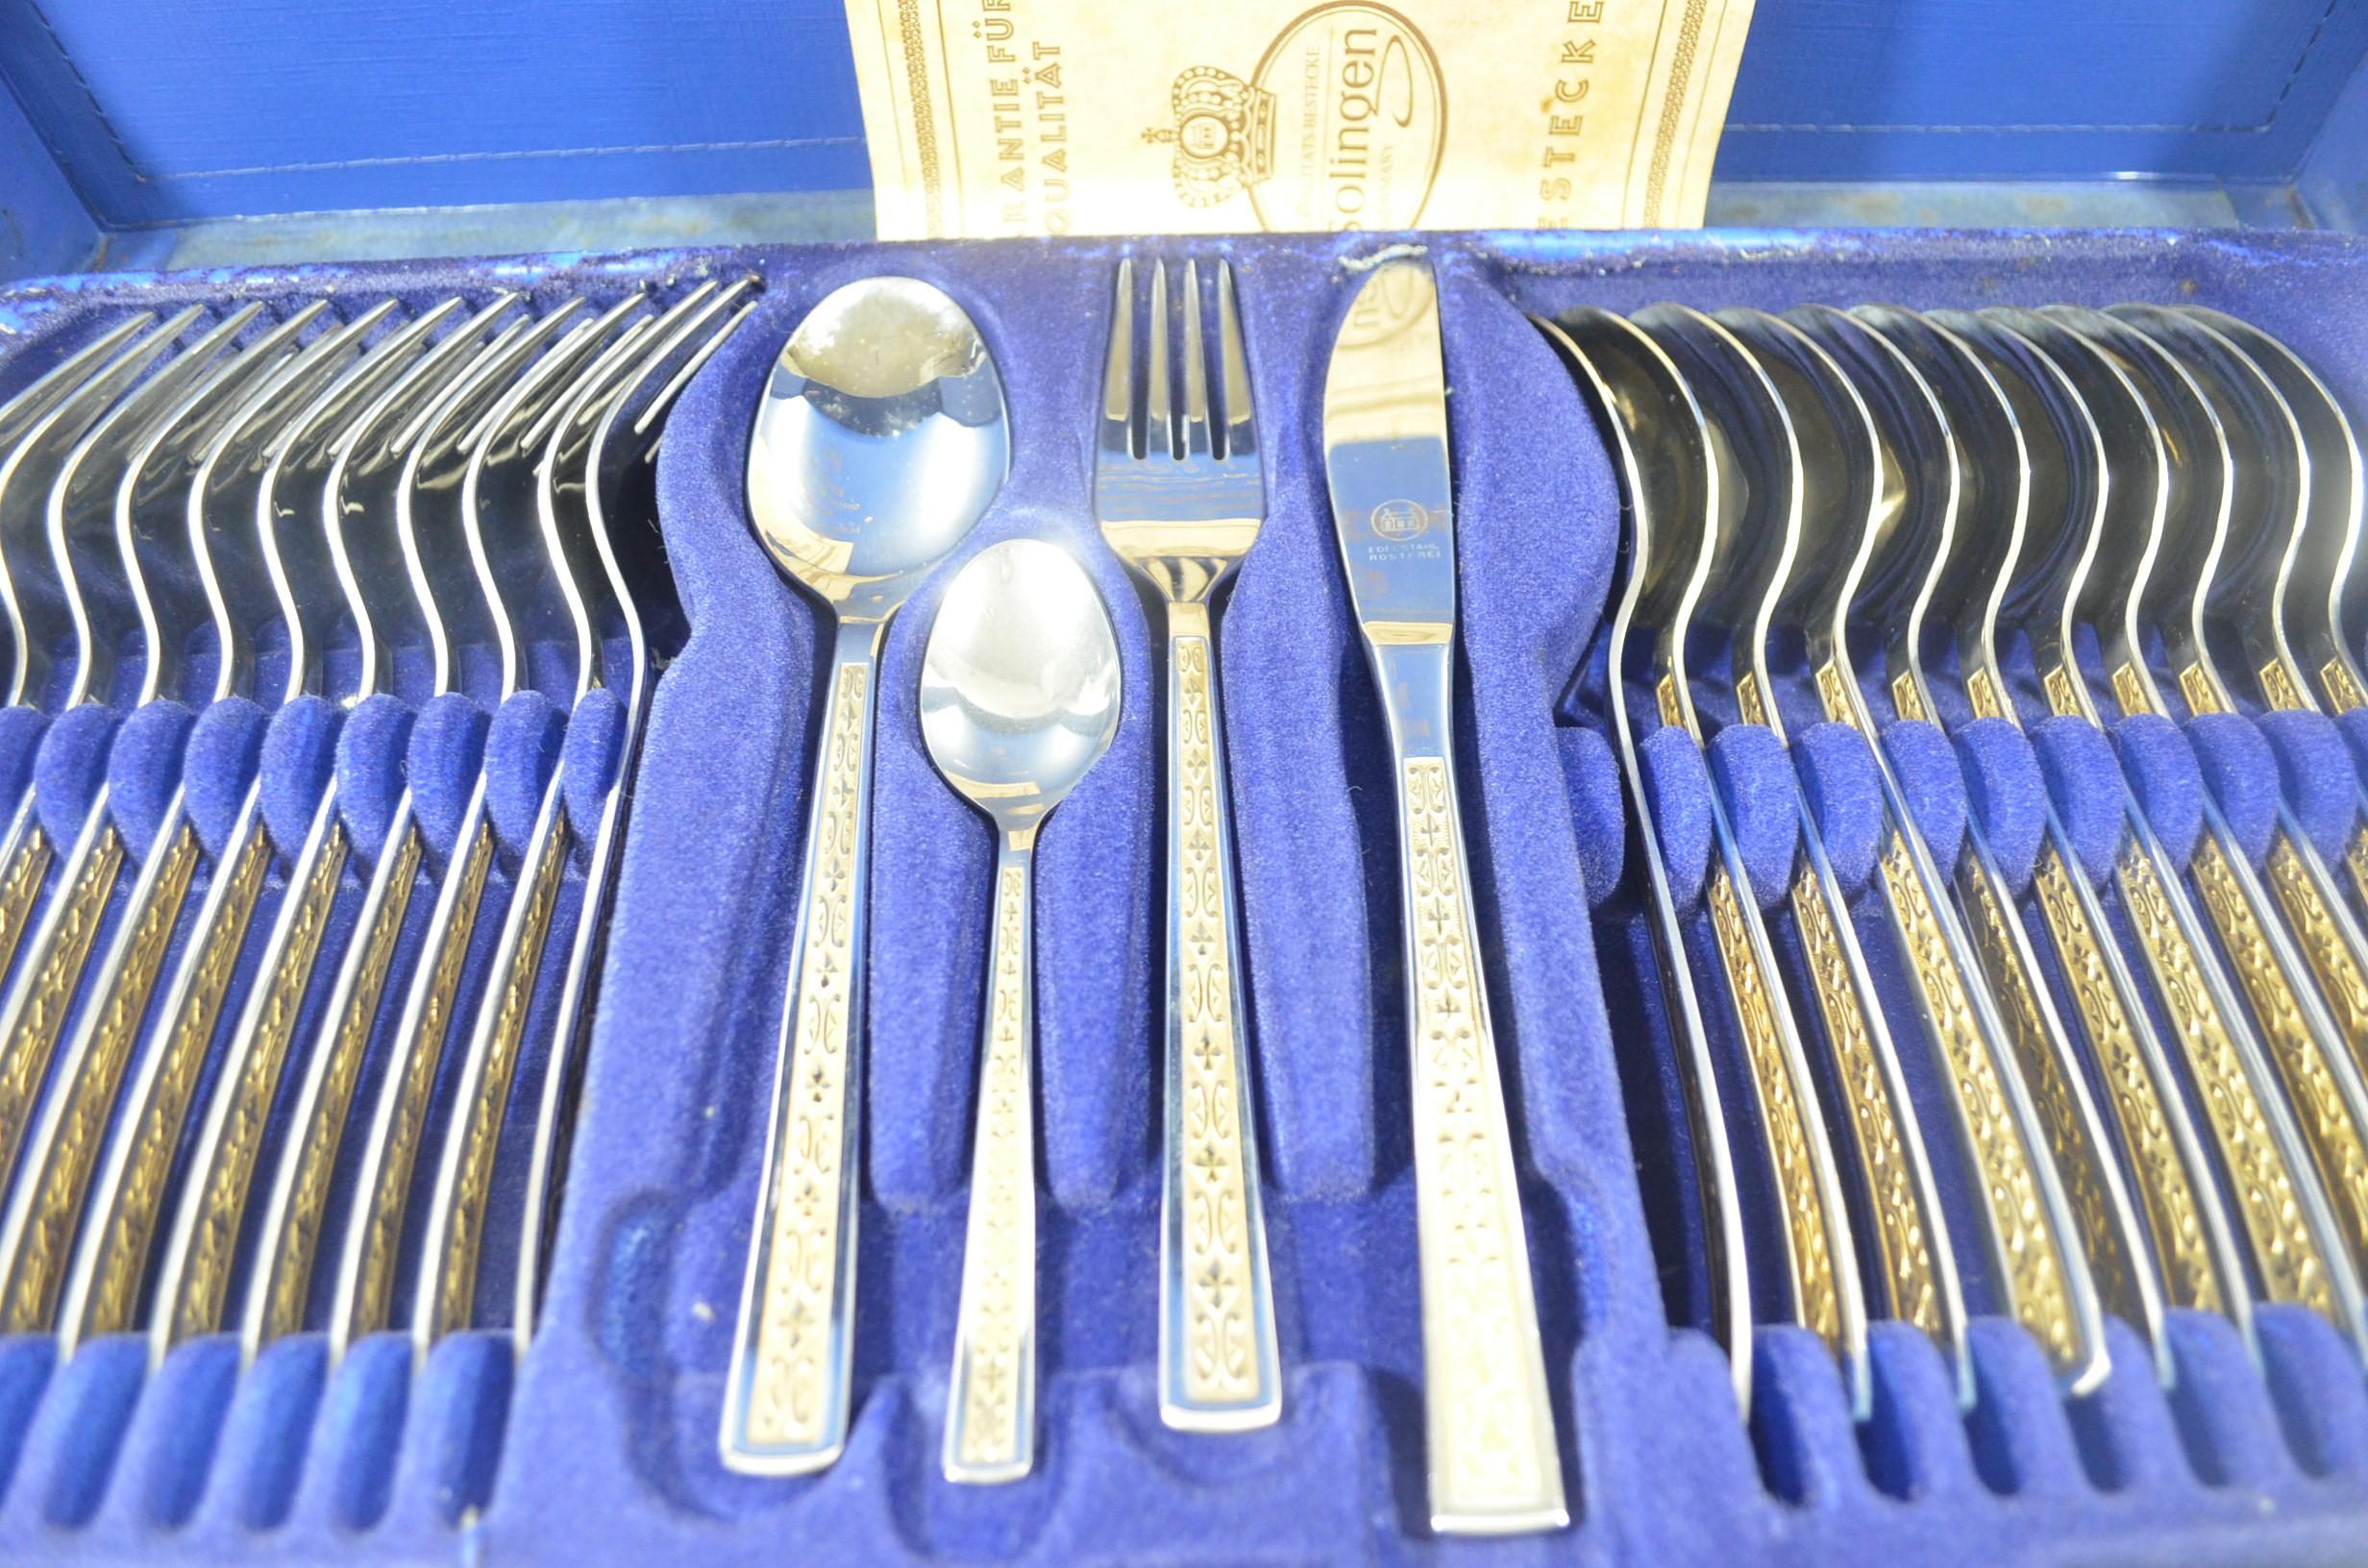 Solingen Gold Plated Cutlery Set Buy Online, Preloved & 100 ...